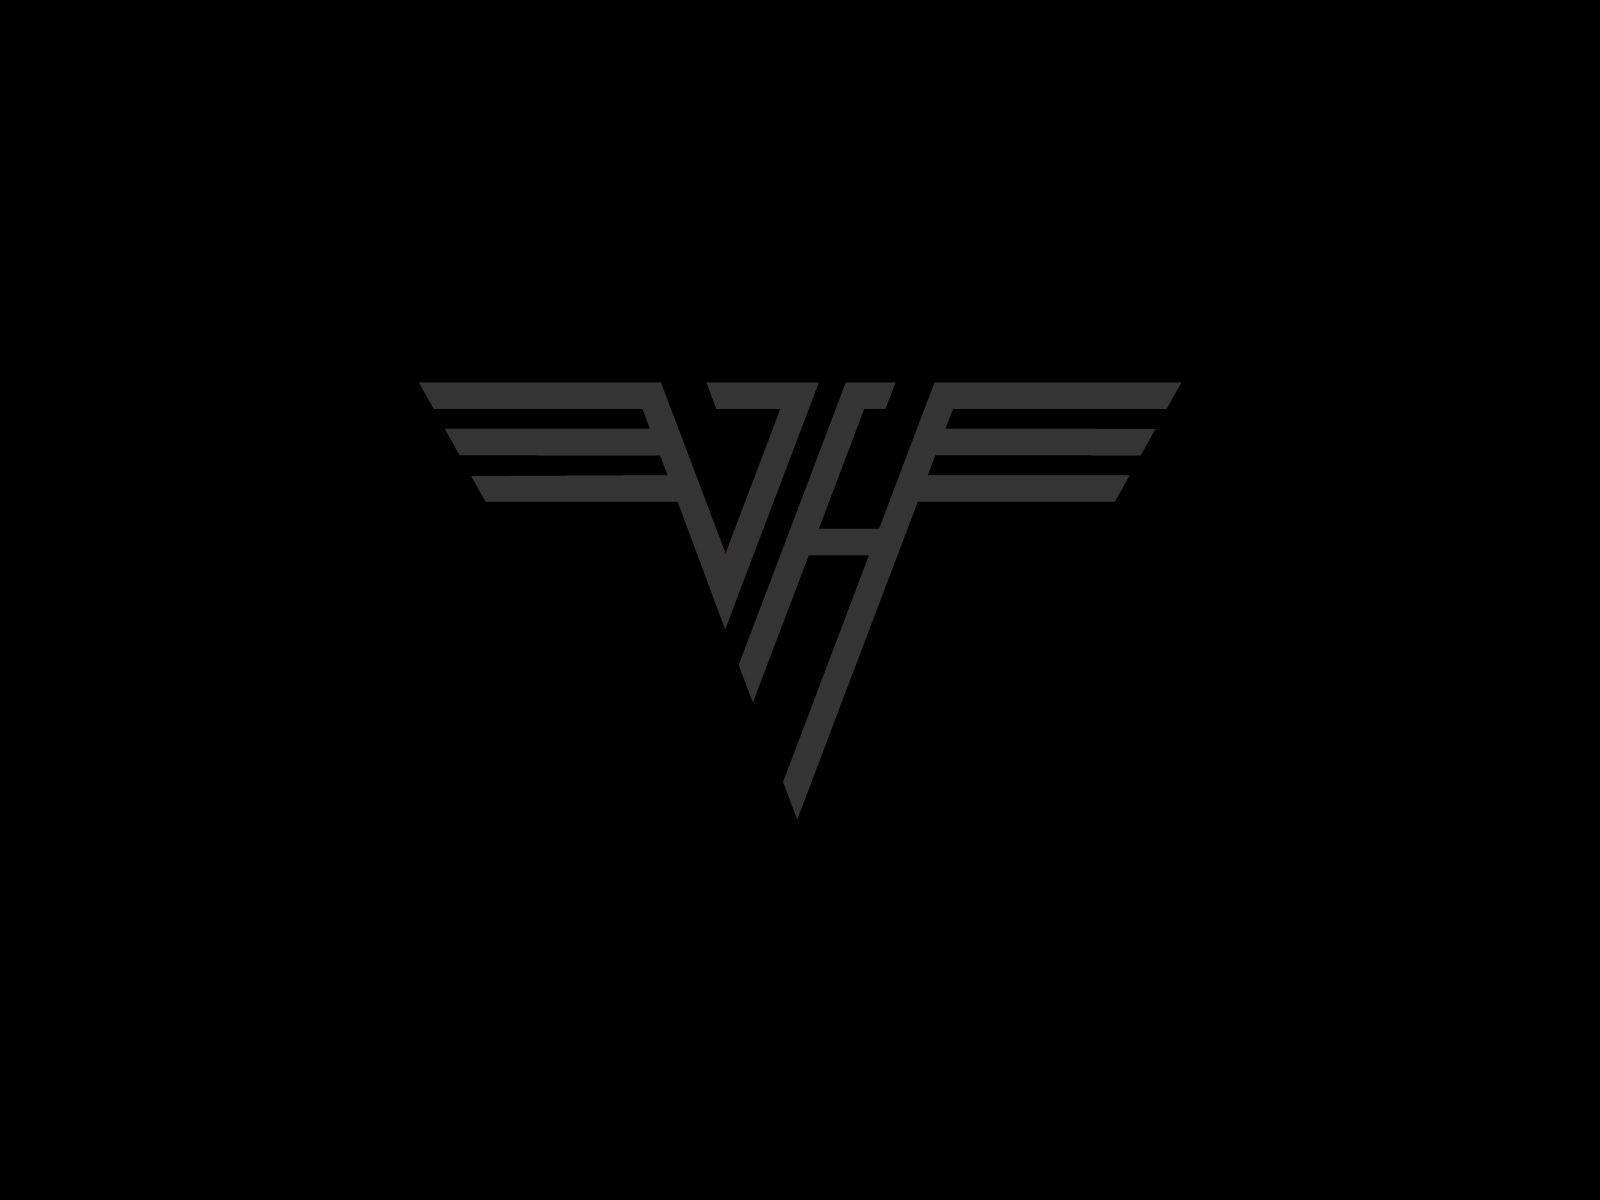 Van Halen Wallpapers Backgrounds 1600x1200PX Wallpaper